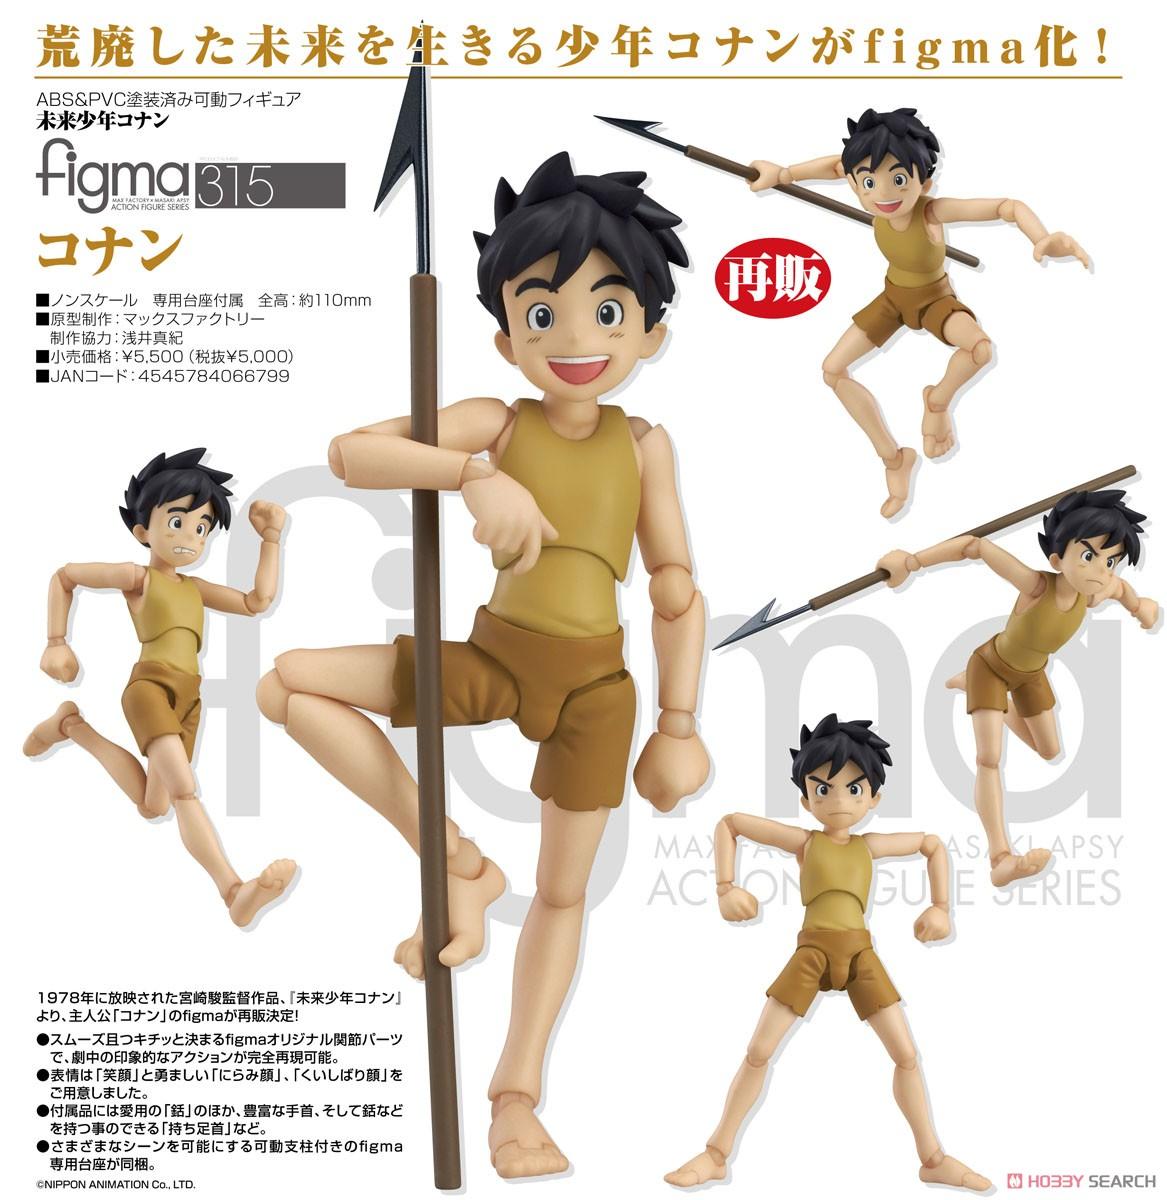 【再販】figma『コナン』未来少年コナン 可動フィギュア-006